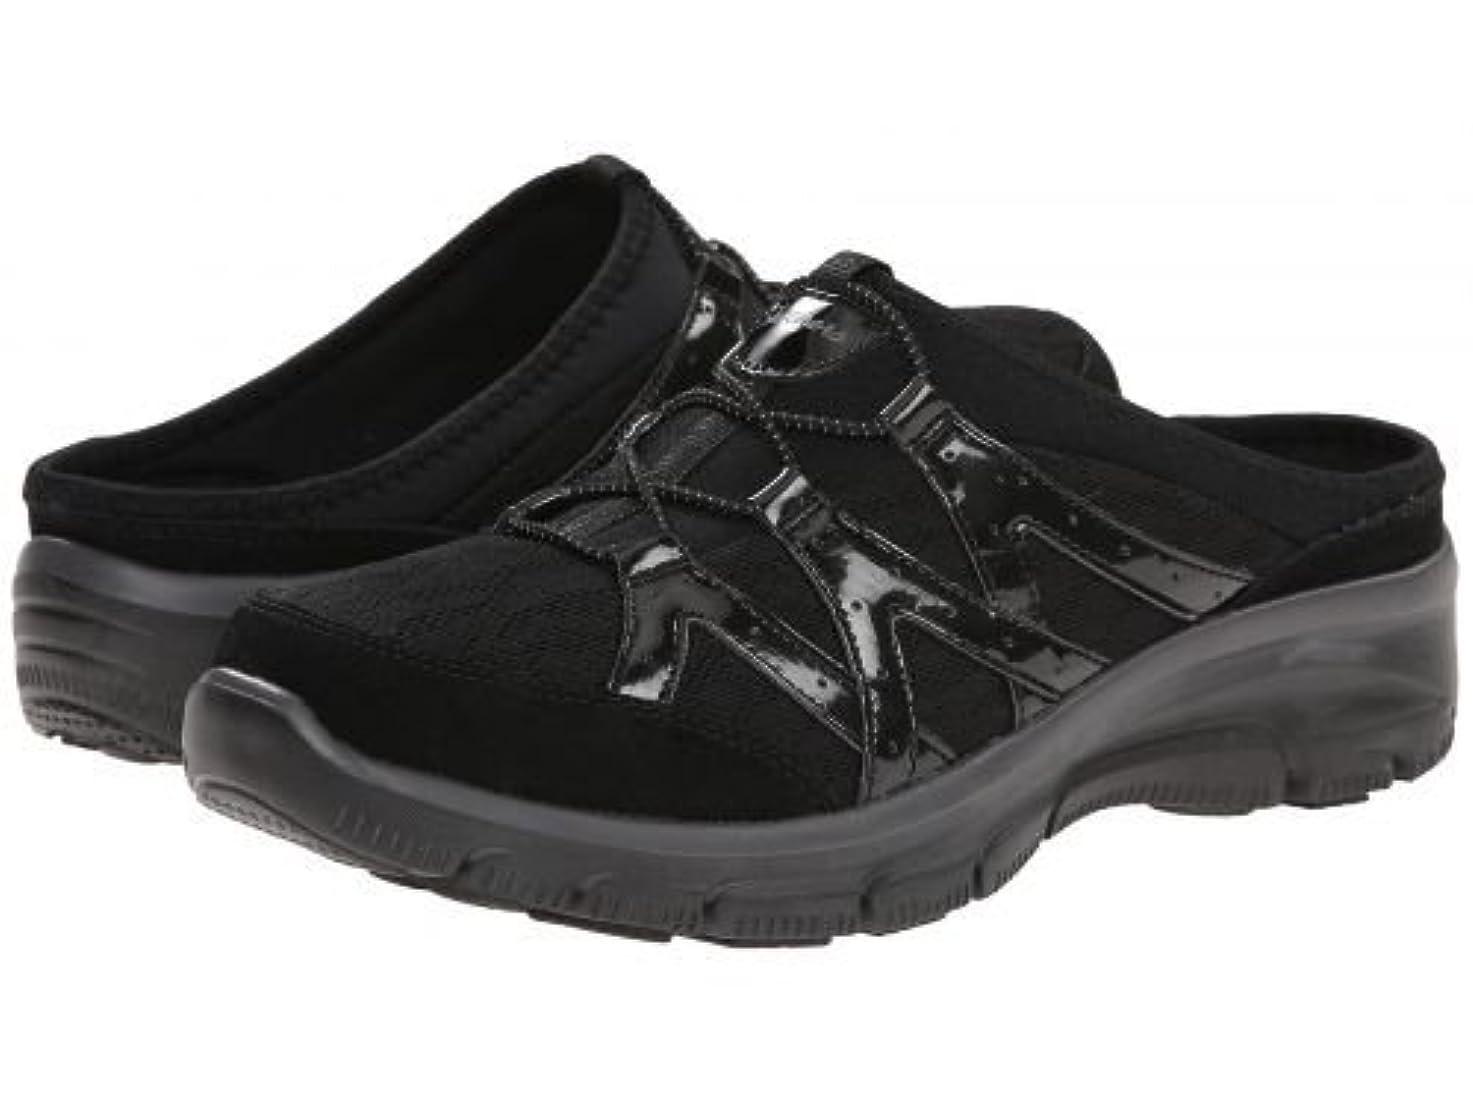 段落放牧する見てSKECHERS(スケッチャーズ) レディース 女性用 シューズ 靴 スニーカー 運動靴 Easy Going - Repute - Black [並行輸入品]